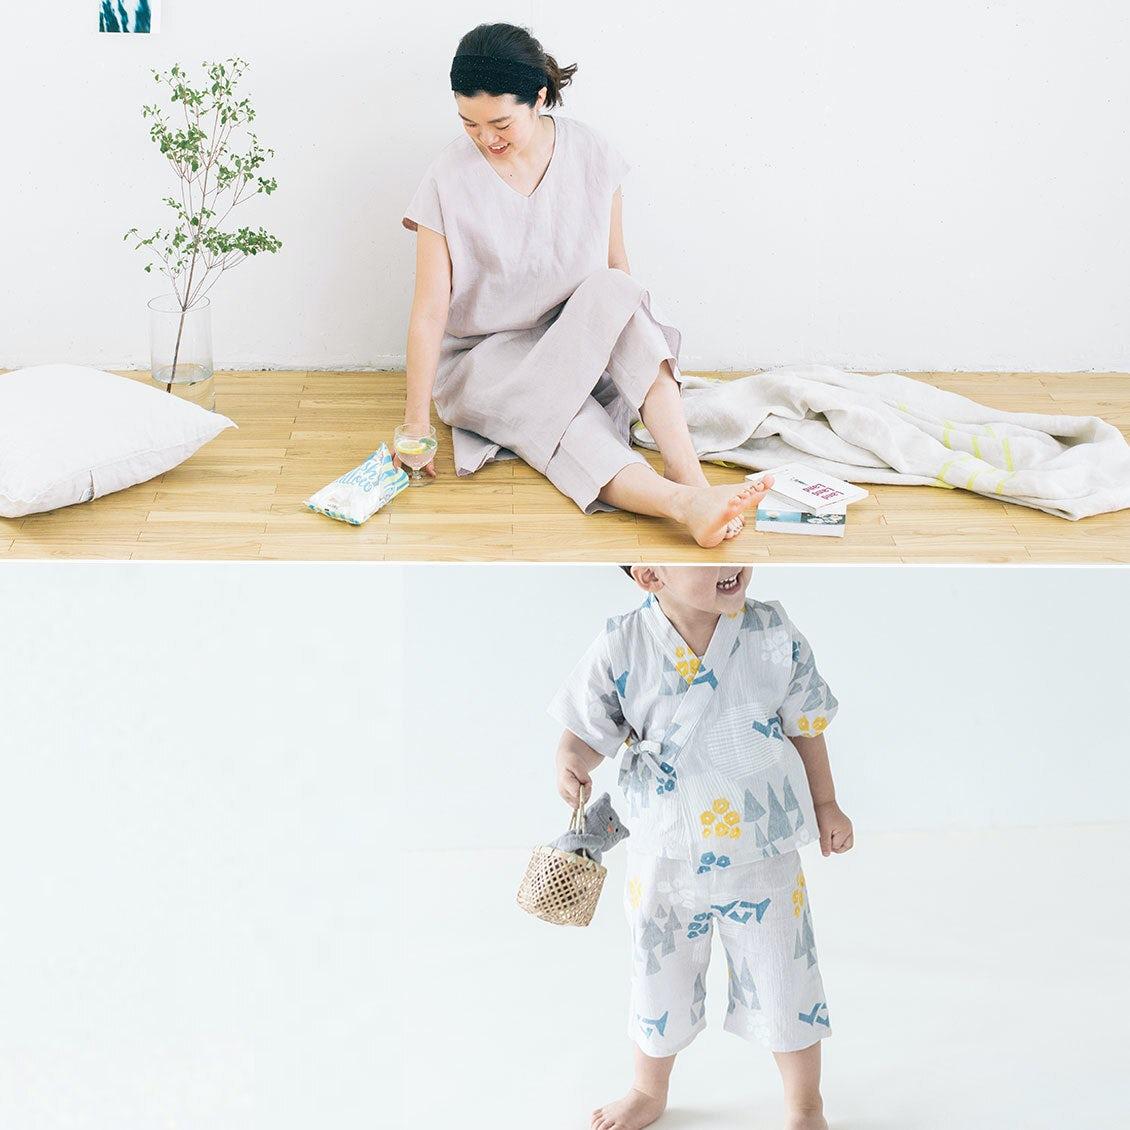 【同時発売】気持ちまでゆるむ「夏のリラックスウェア」と、オリジナル初の子ども服!「キッズ甚平」が登場です